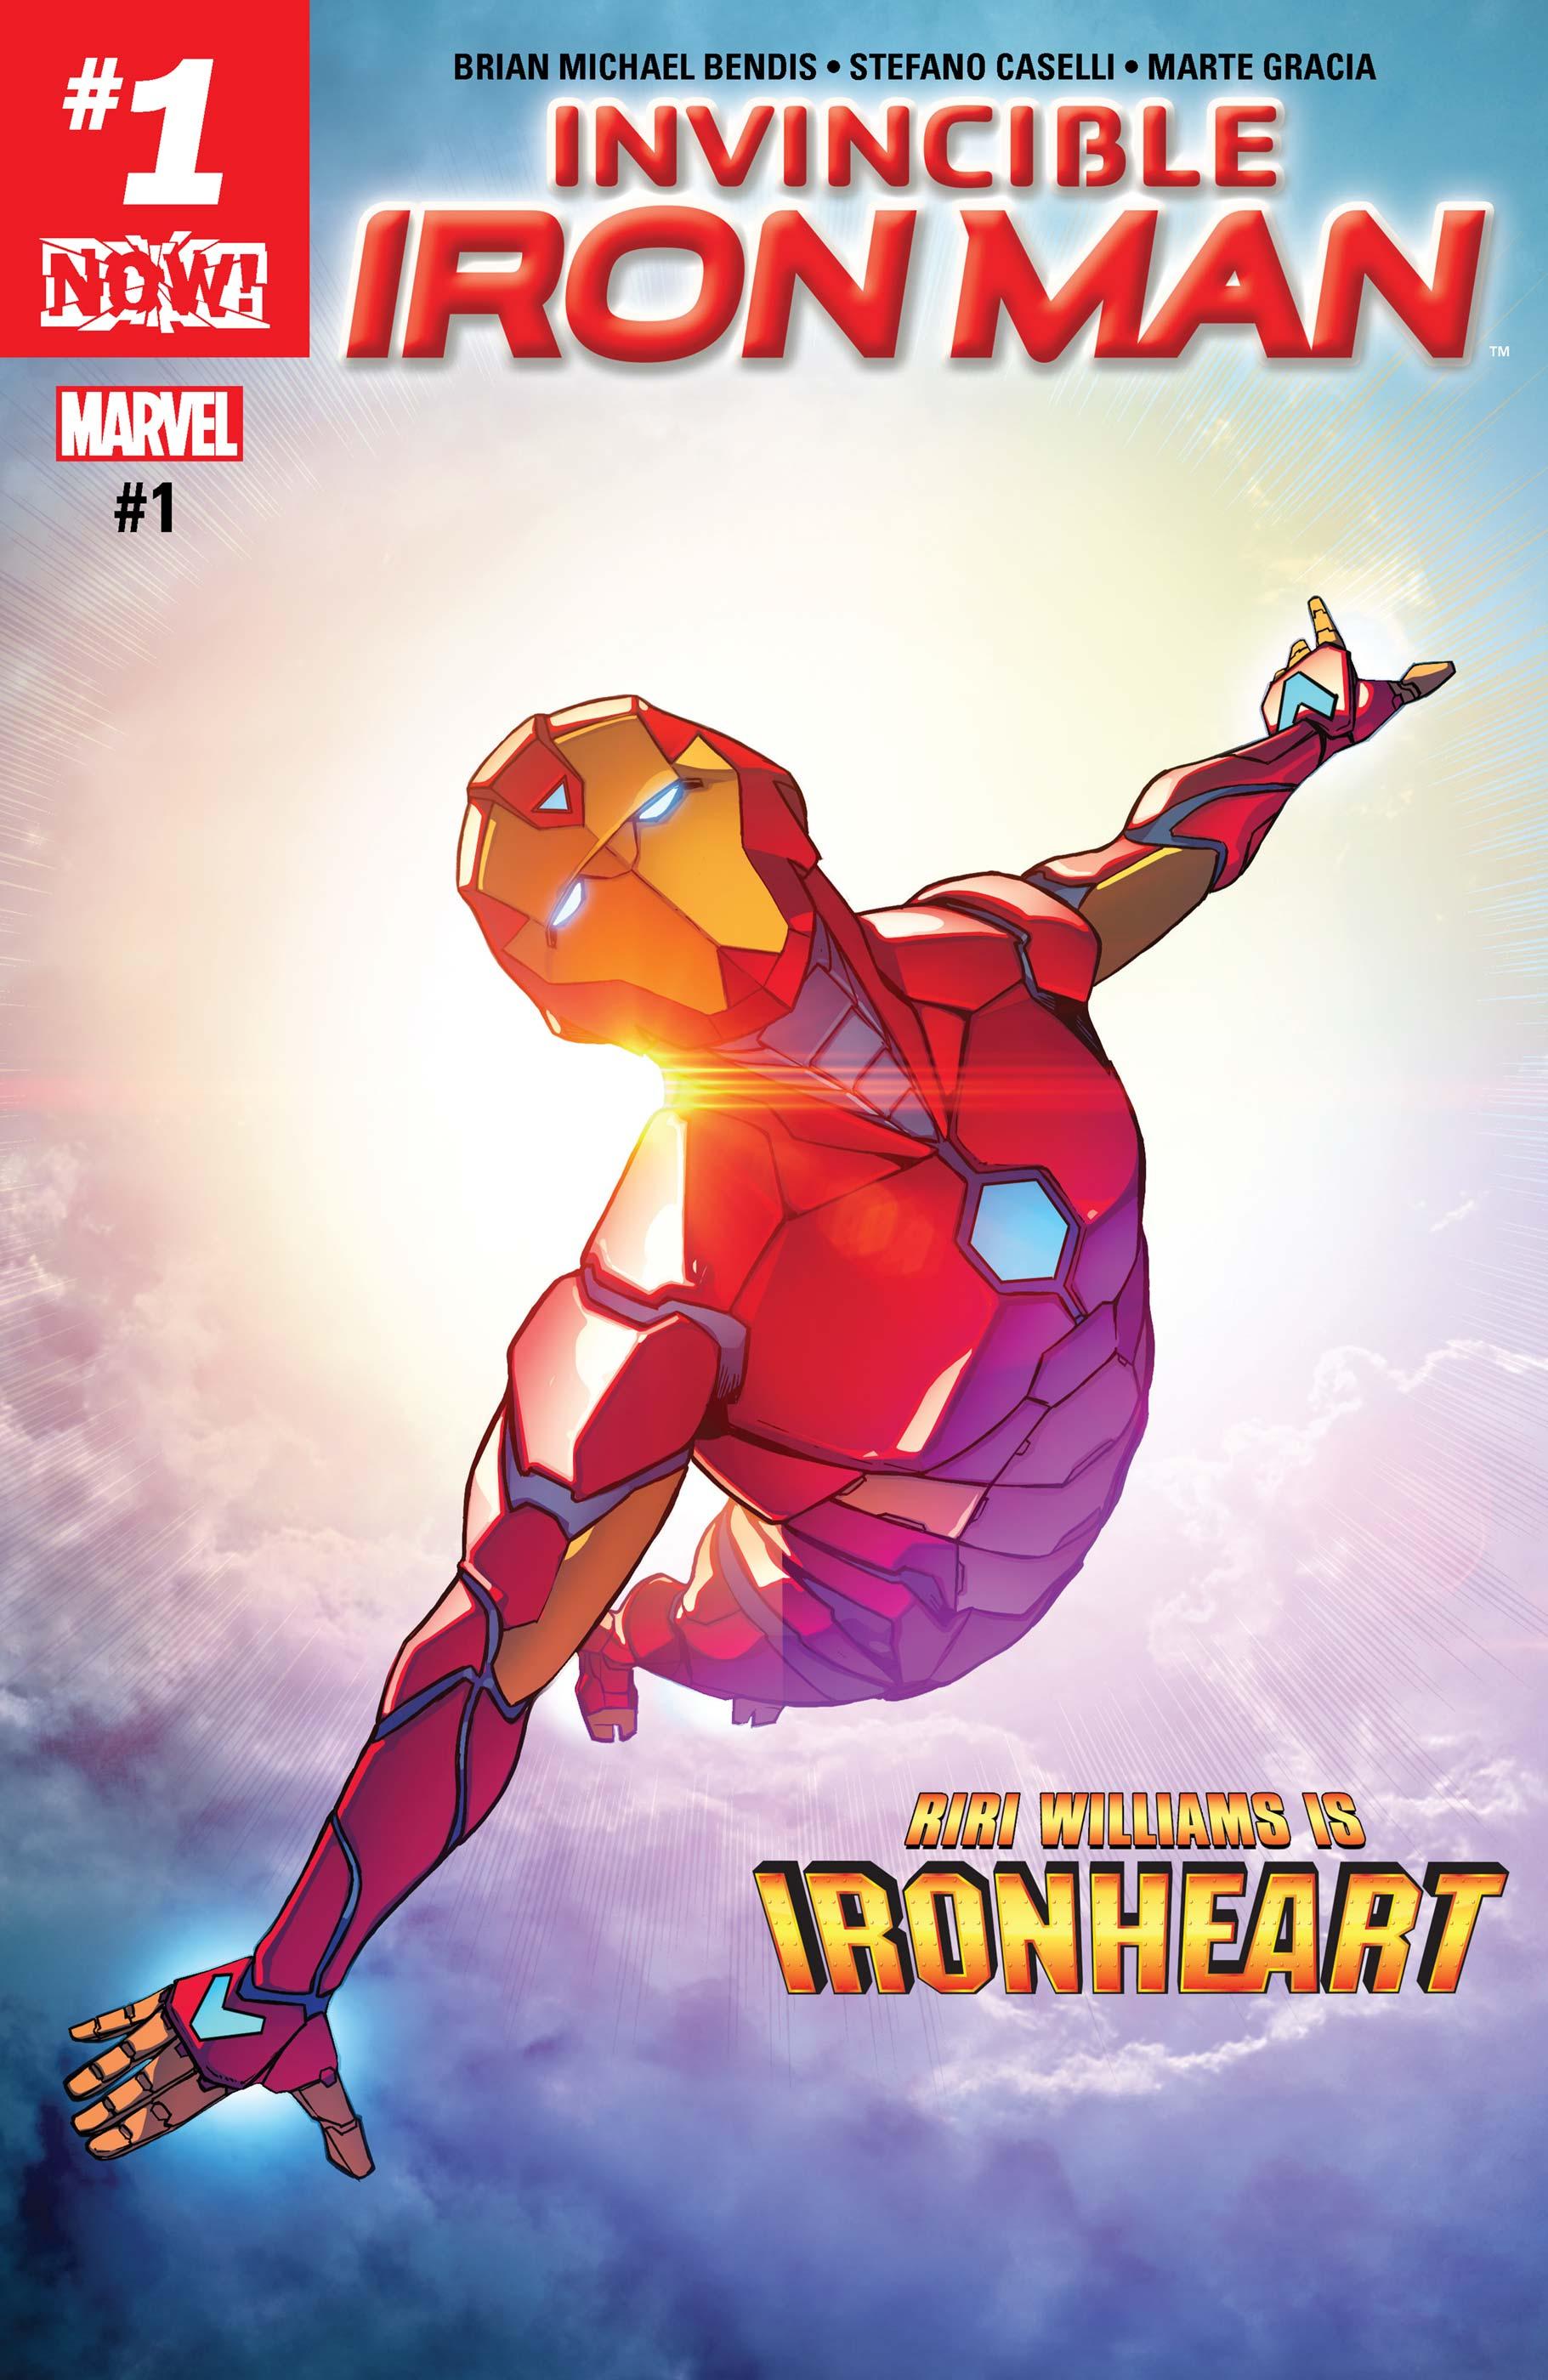 Invincible Iron Man (2016) #1